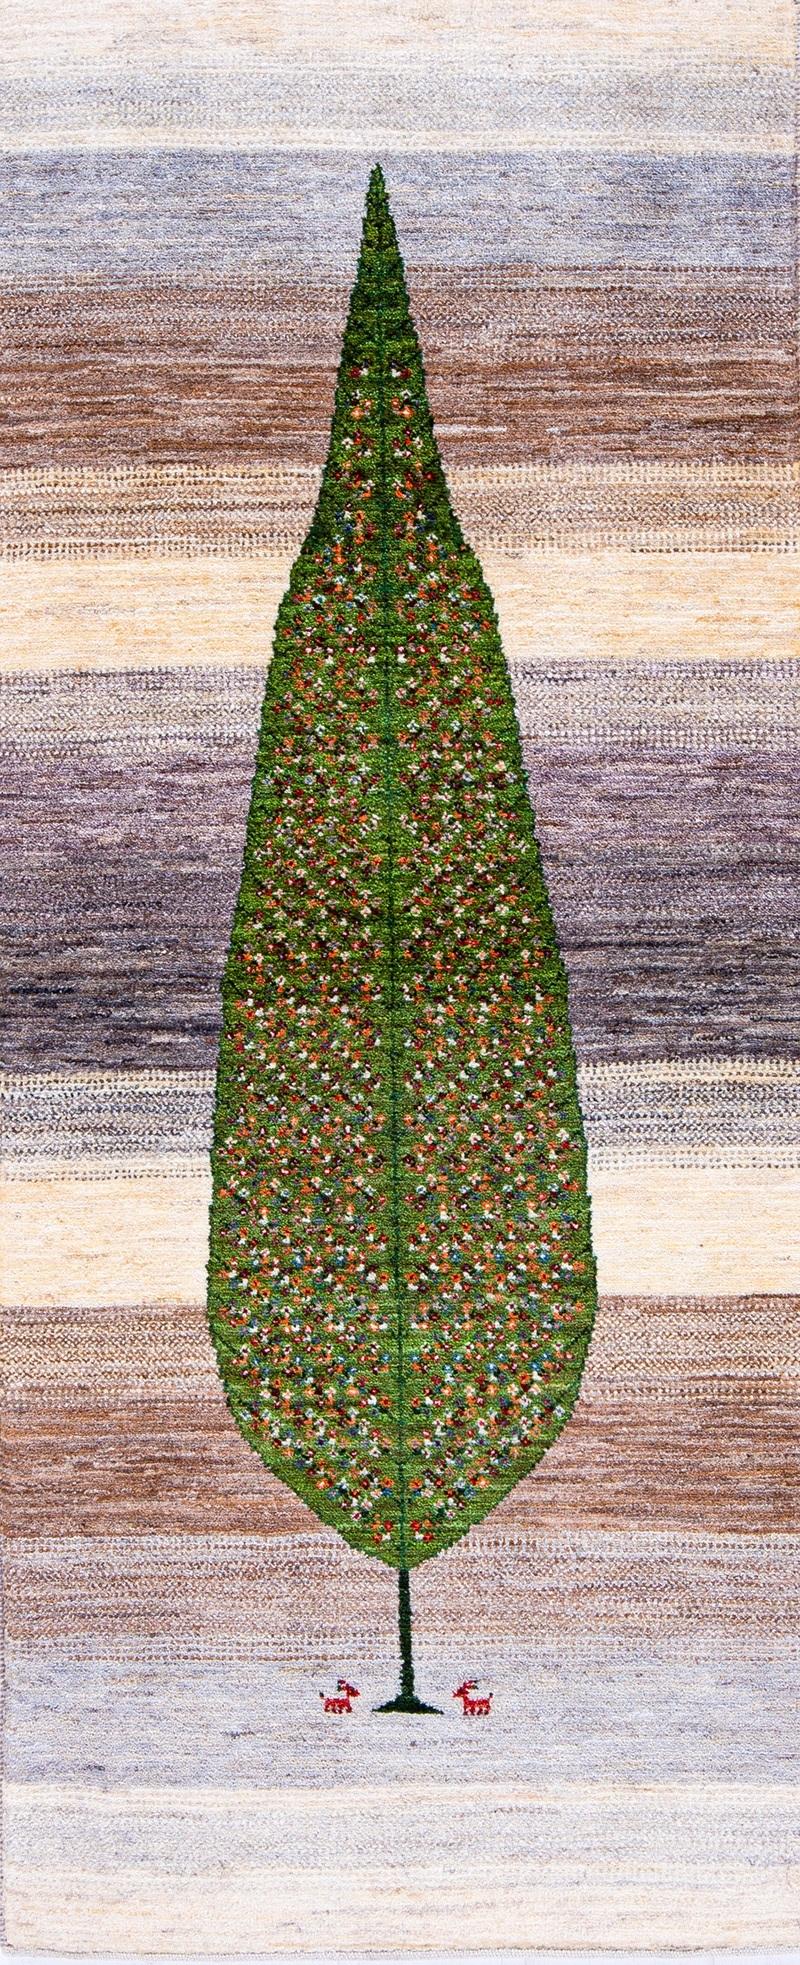 Modernist Tree of Life Runner 5 web Gabbehs Flora Fauna Amaleh 82 x 197cm